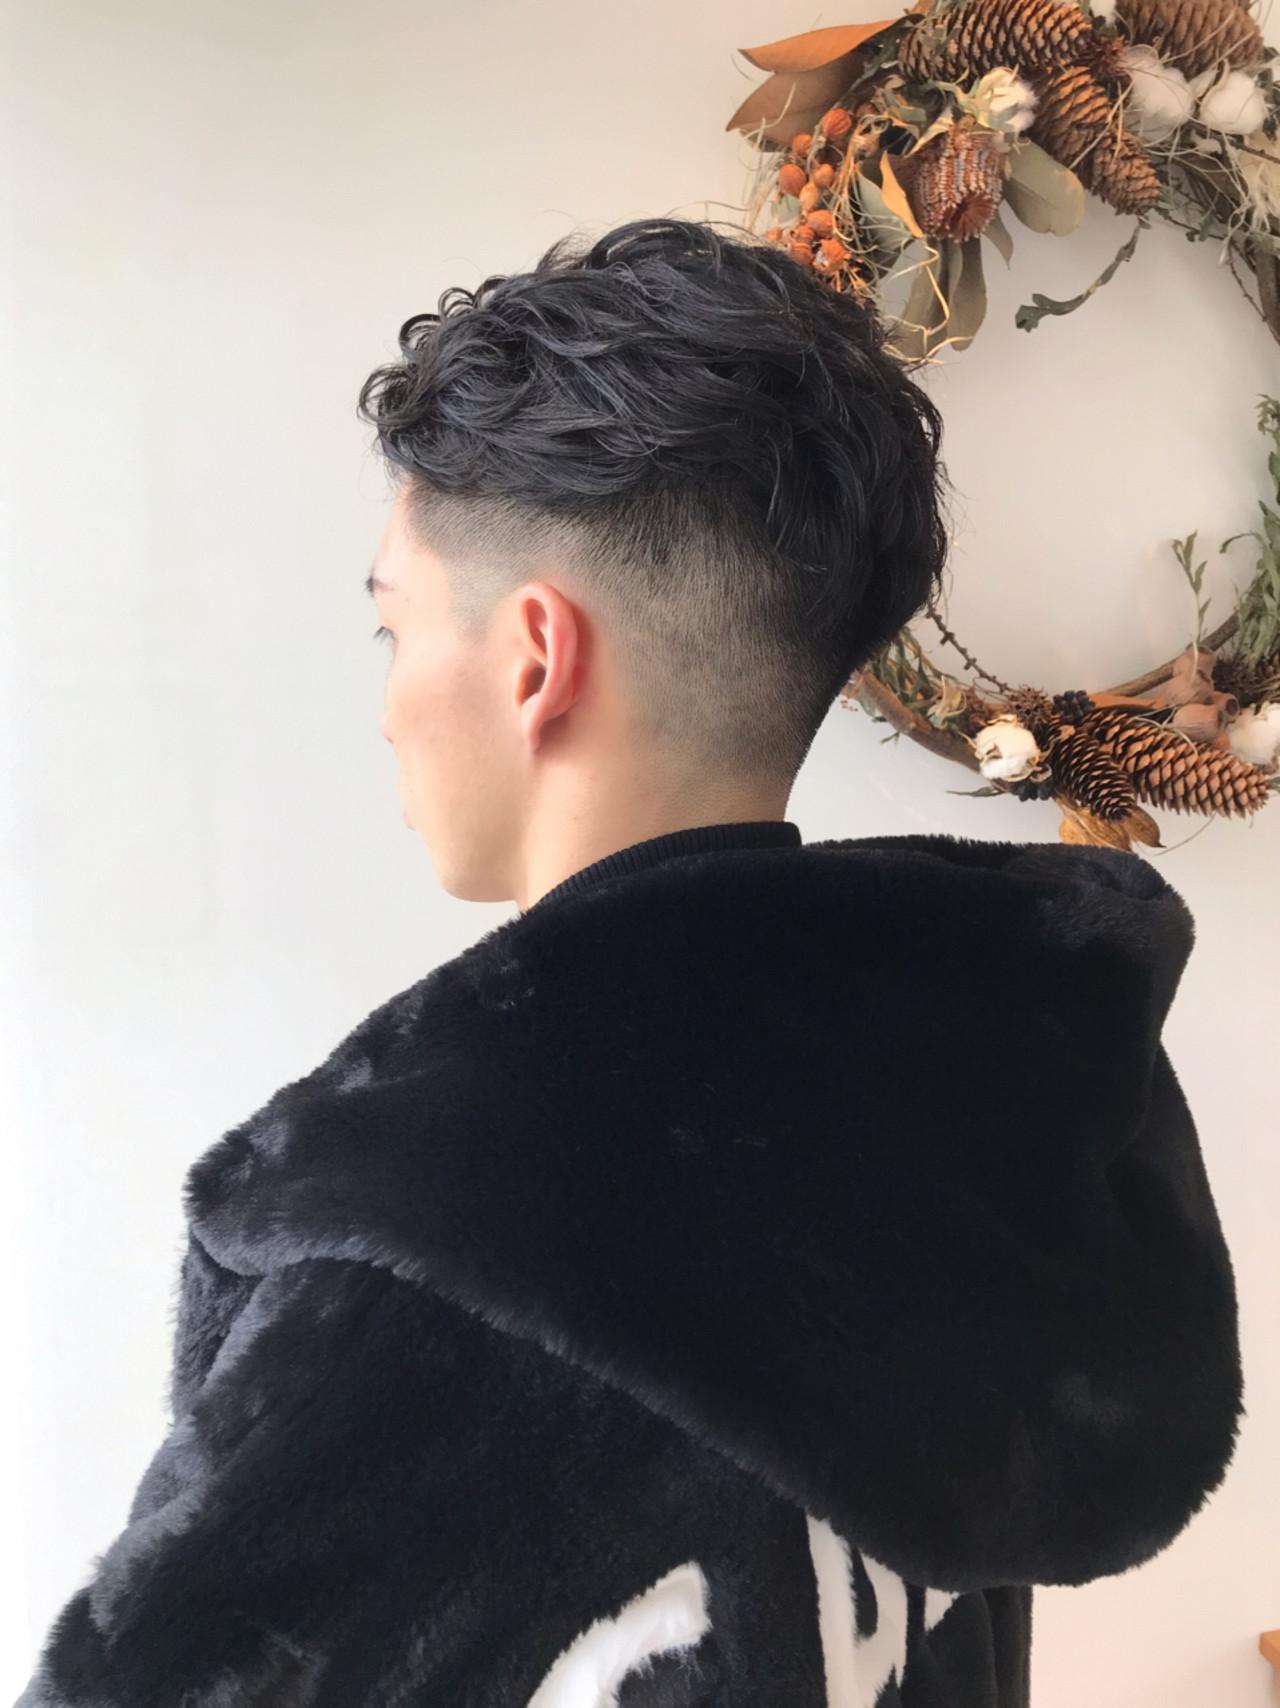 アウトドア メンズヘア メンズパーマ ストリート ヘアスタイルや髪型の写真・画像